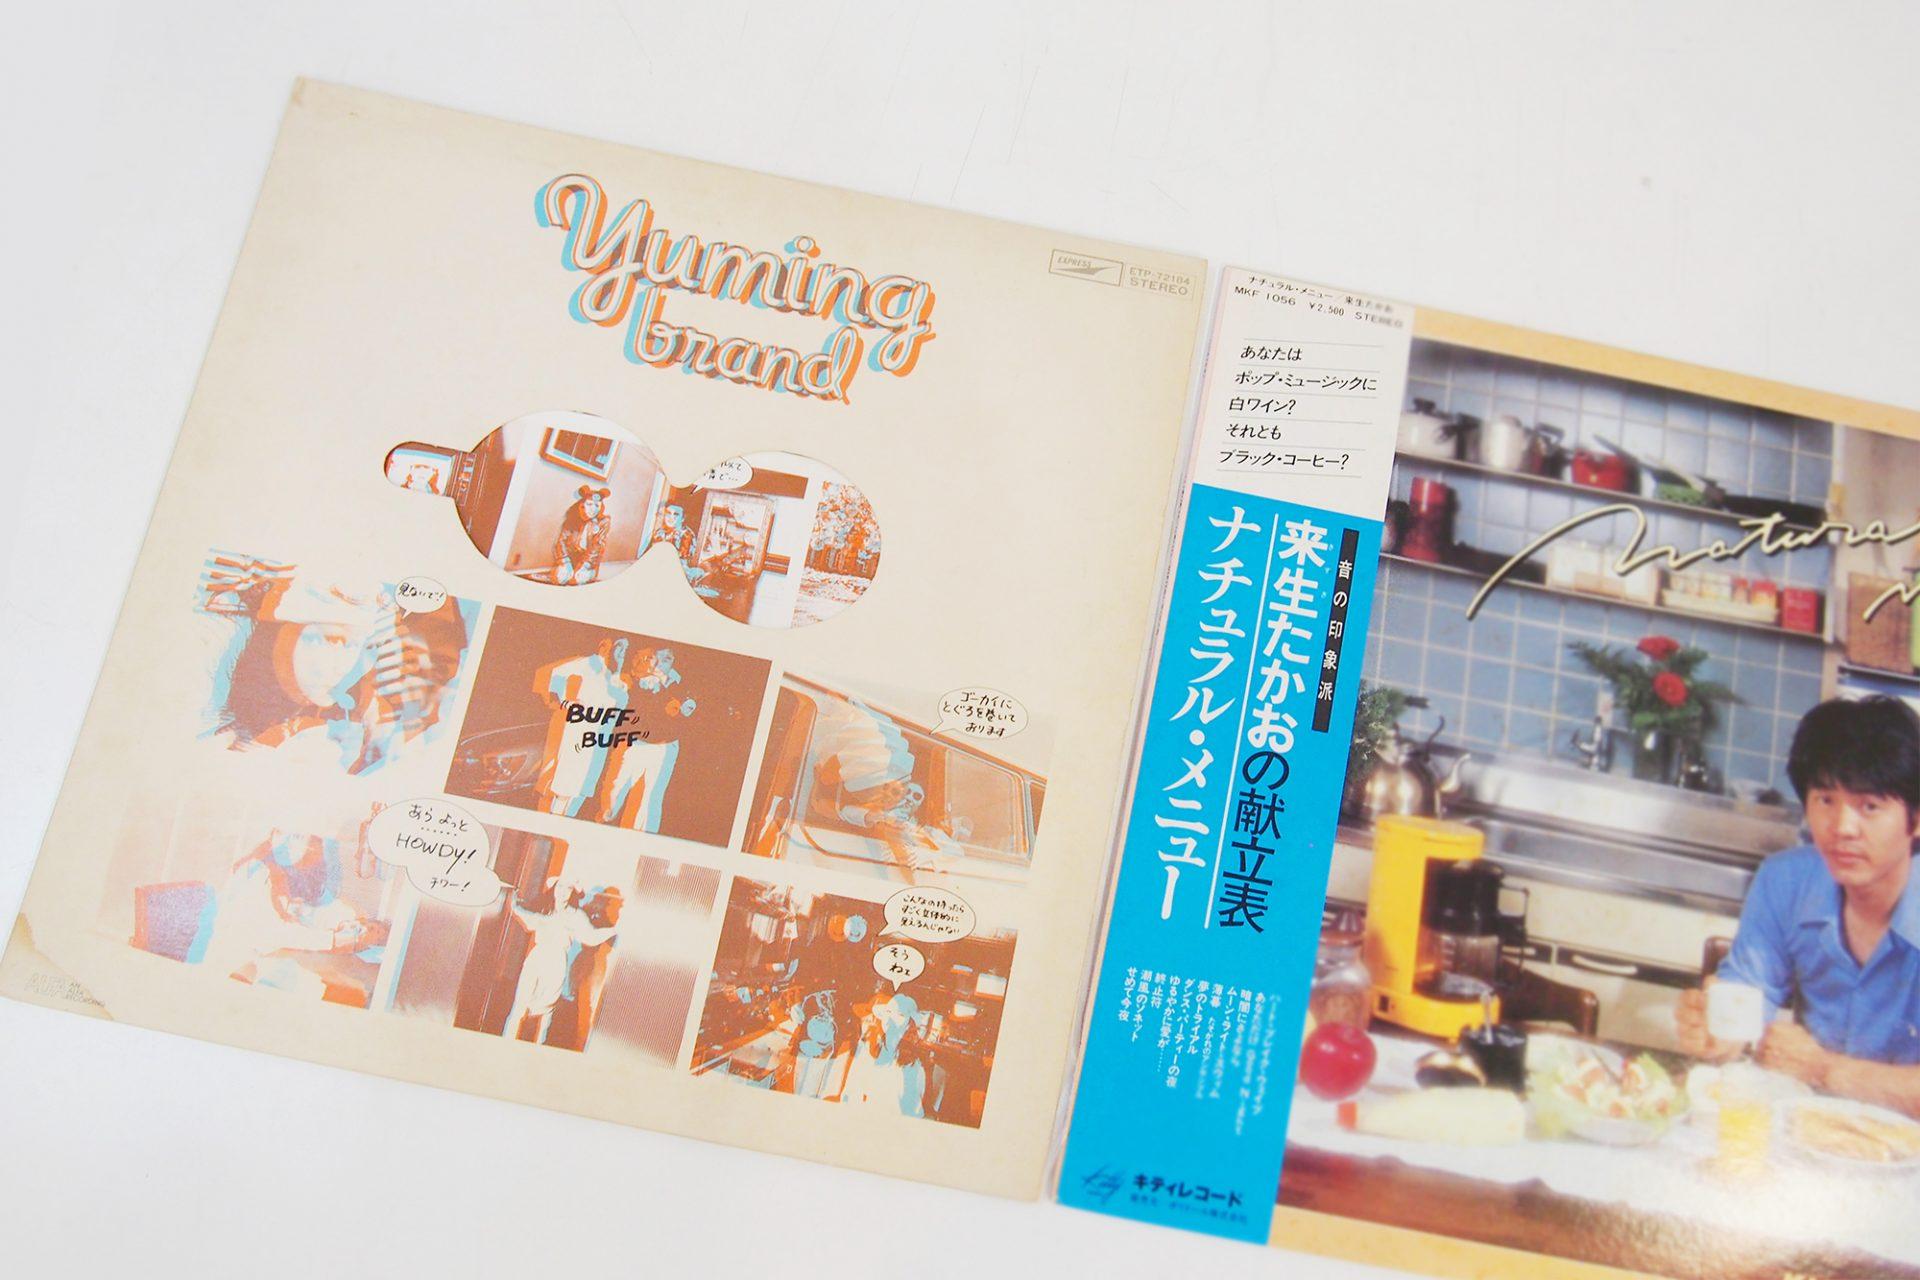 ユーミンの荒井由美時代の作品で1976年にリリースされた「YUMING BRAND」